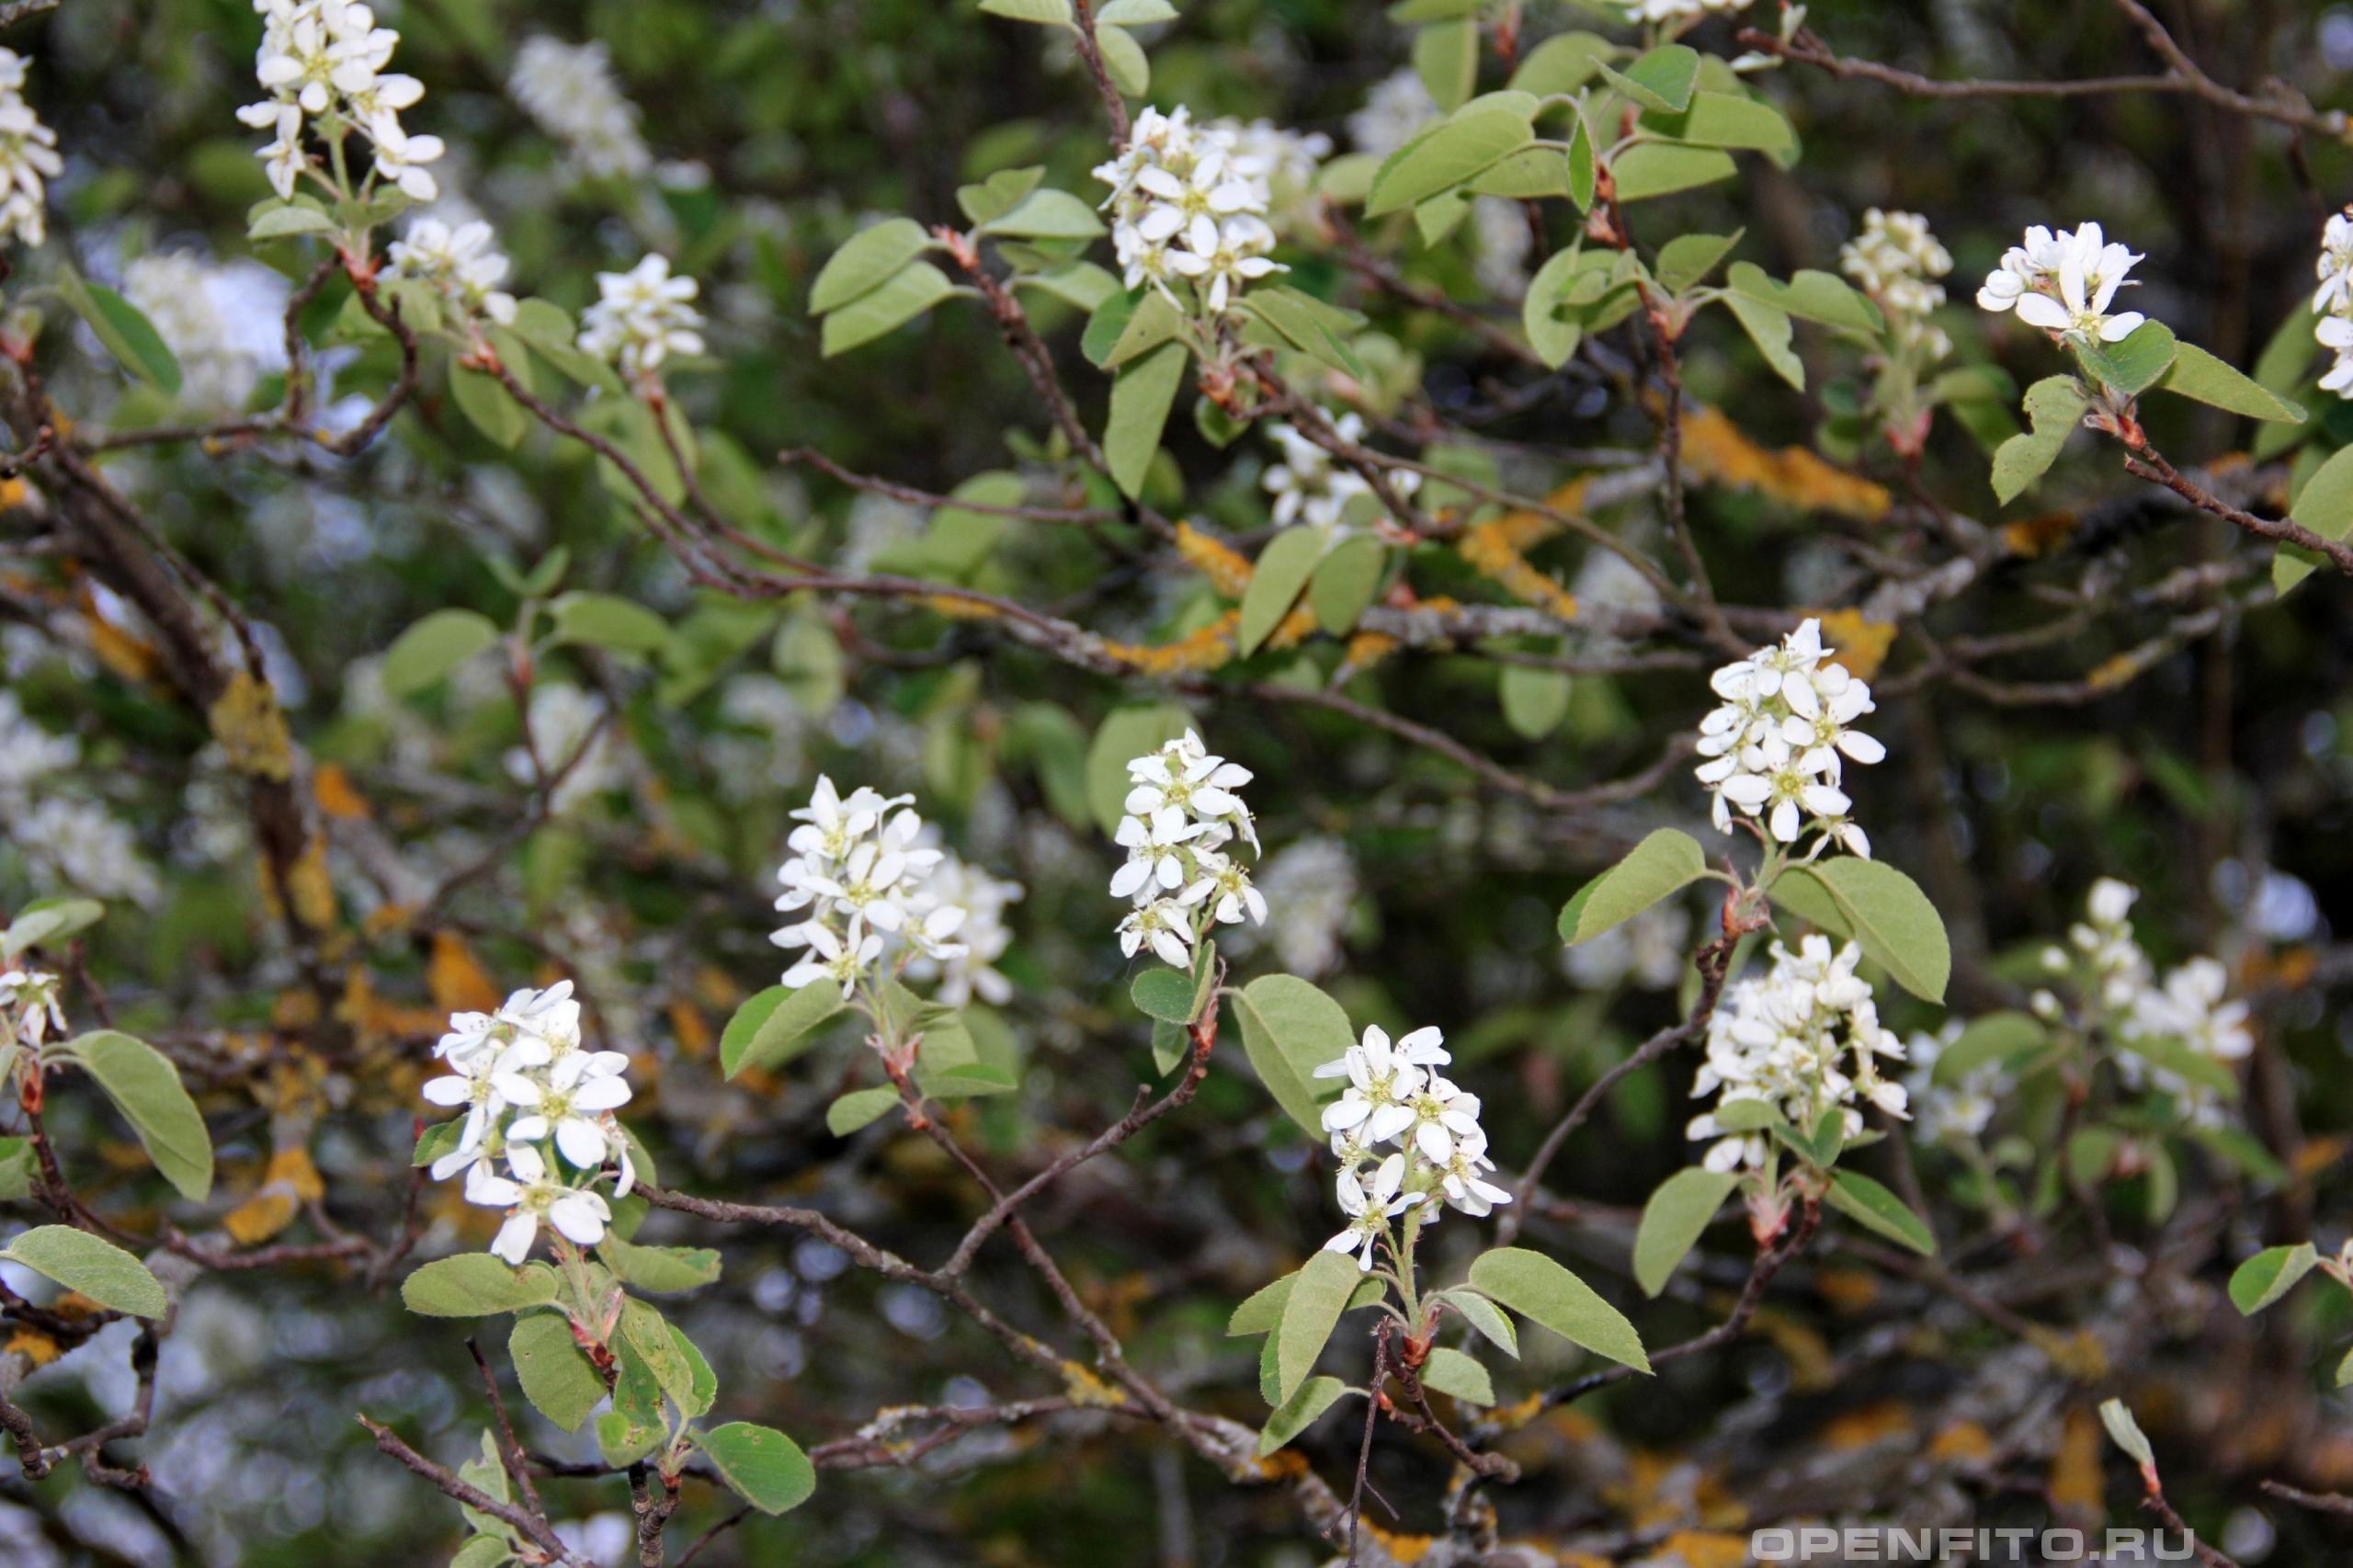 Ирга колосистая весеннее цветение ирги